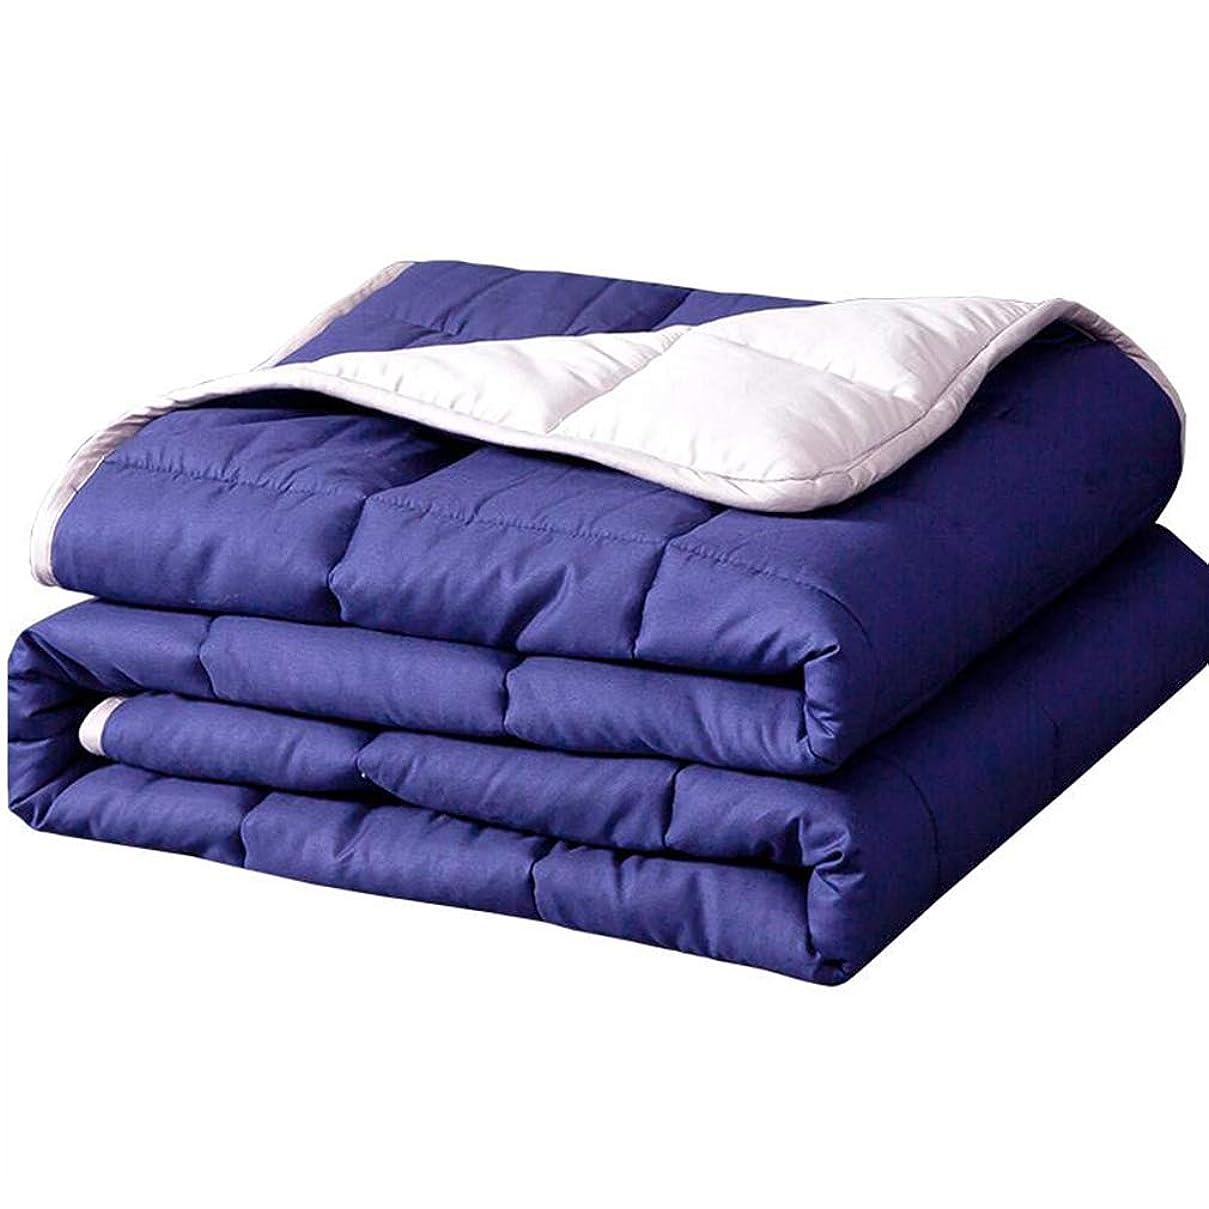 出来事しなければならないモザイクHUYYA 加重ブランケット、重い毛布大人重力ブランケット 充填ガラスビーズ 快適な睡眠の質を提供する,Navy_120x180cm 9kg